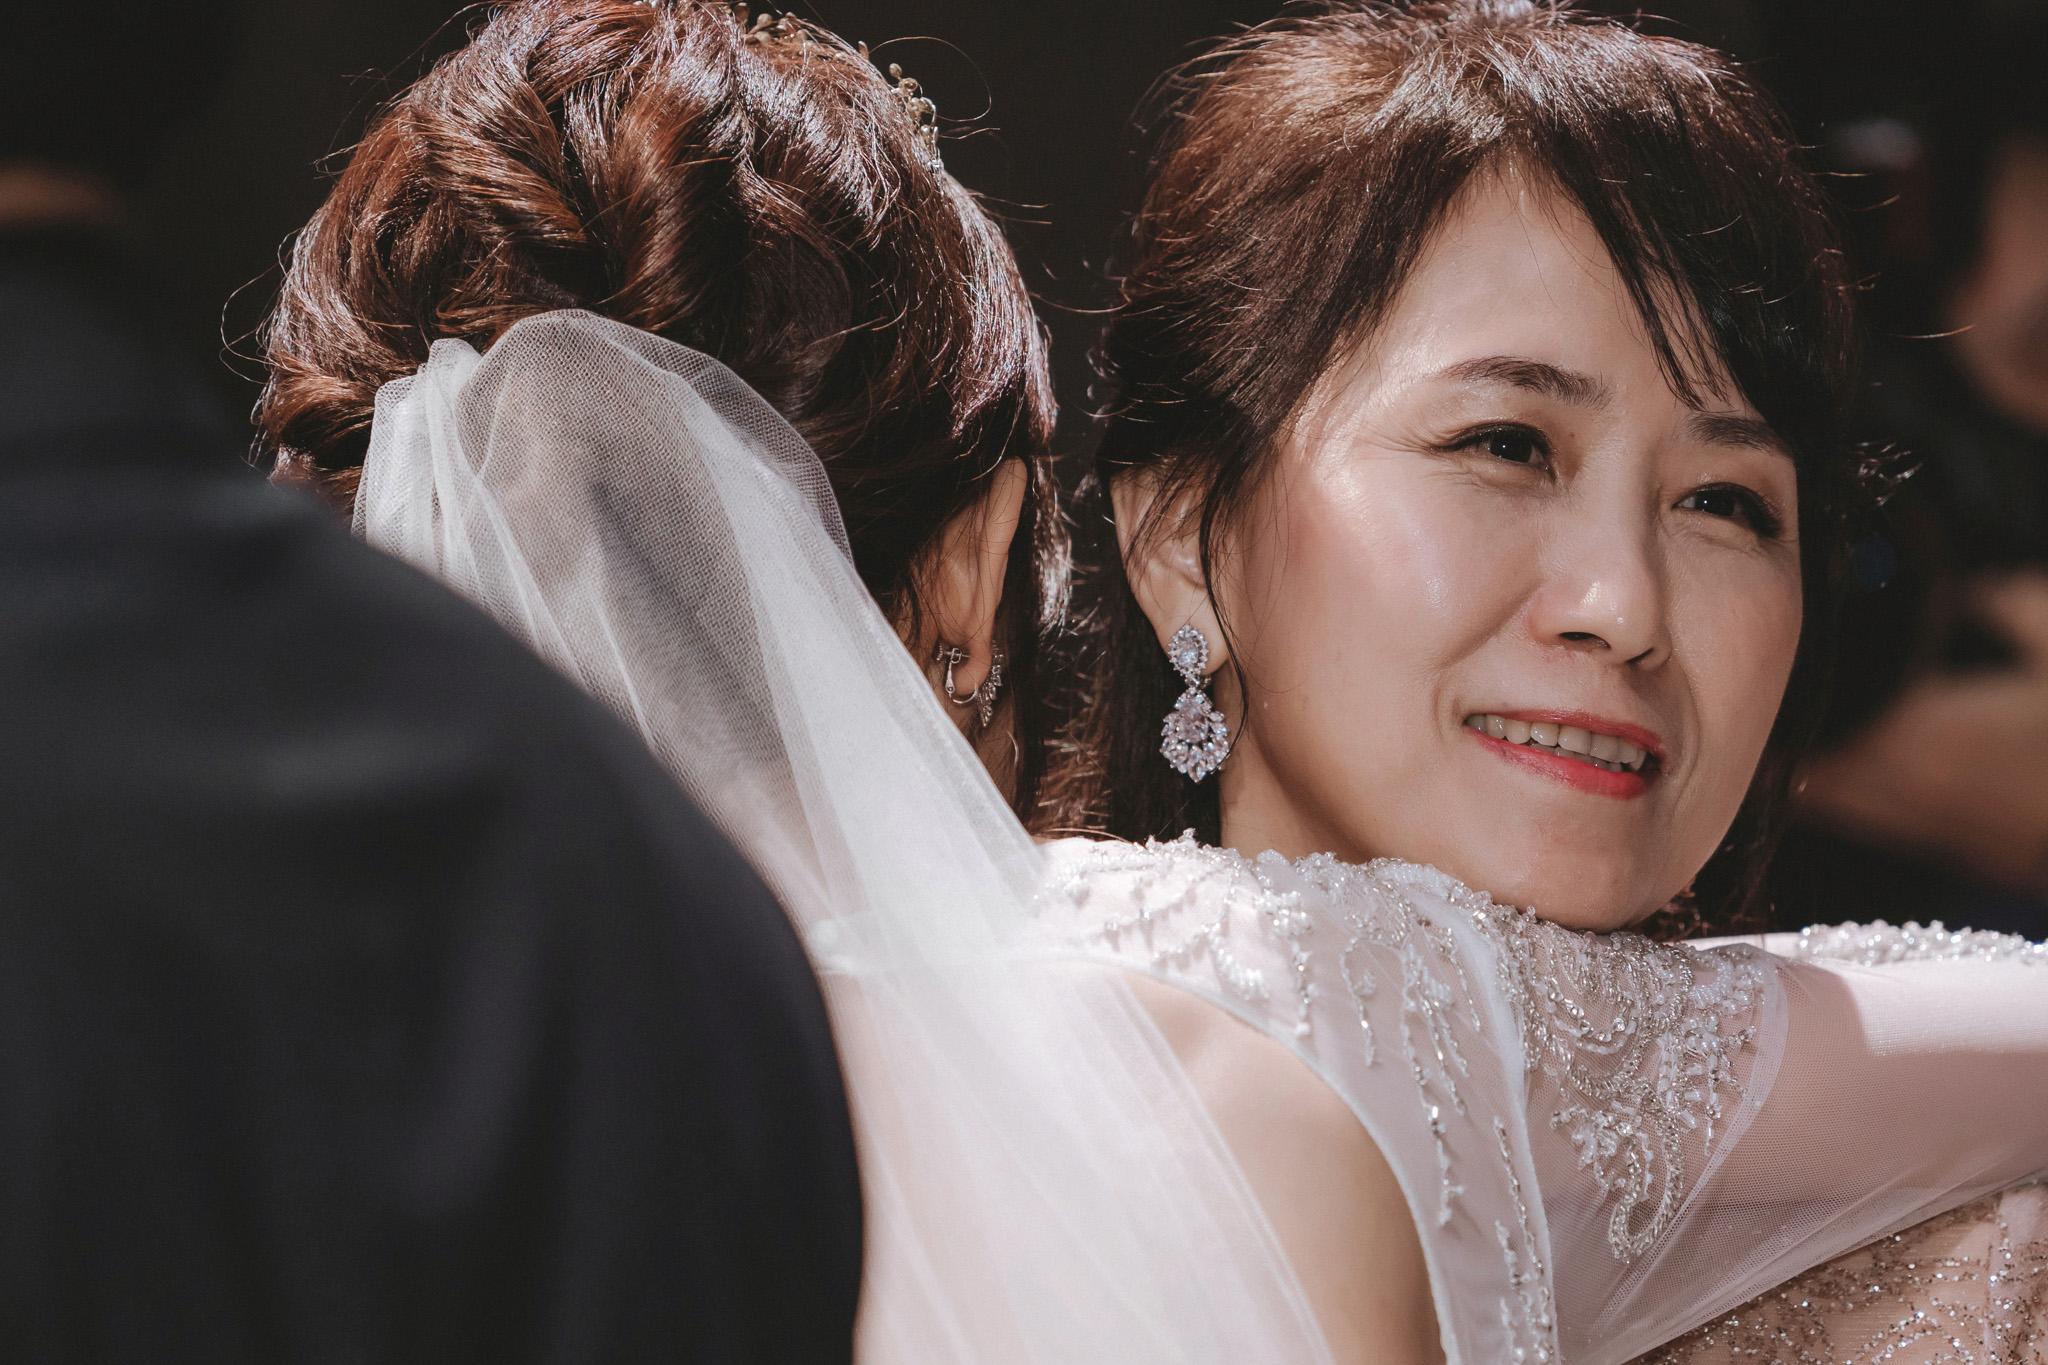 EW 居米 台北婚宴 台北婚紗 台北婚攝 國泰萬怡 台北婚禮 -25